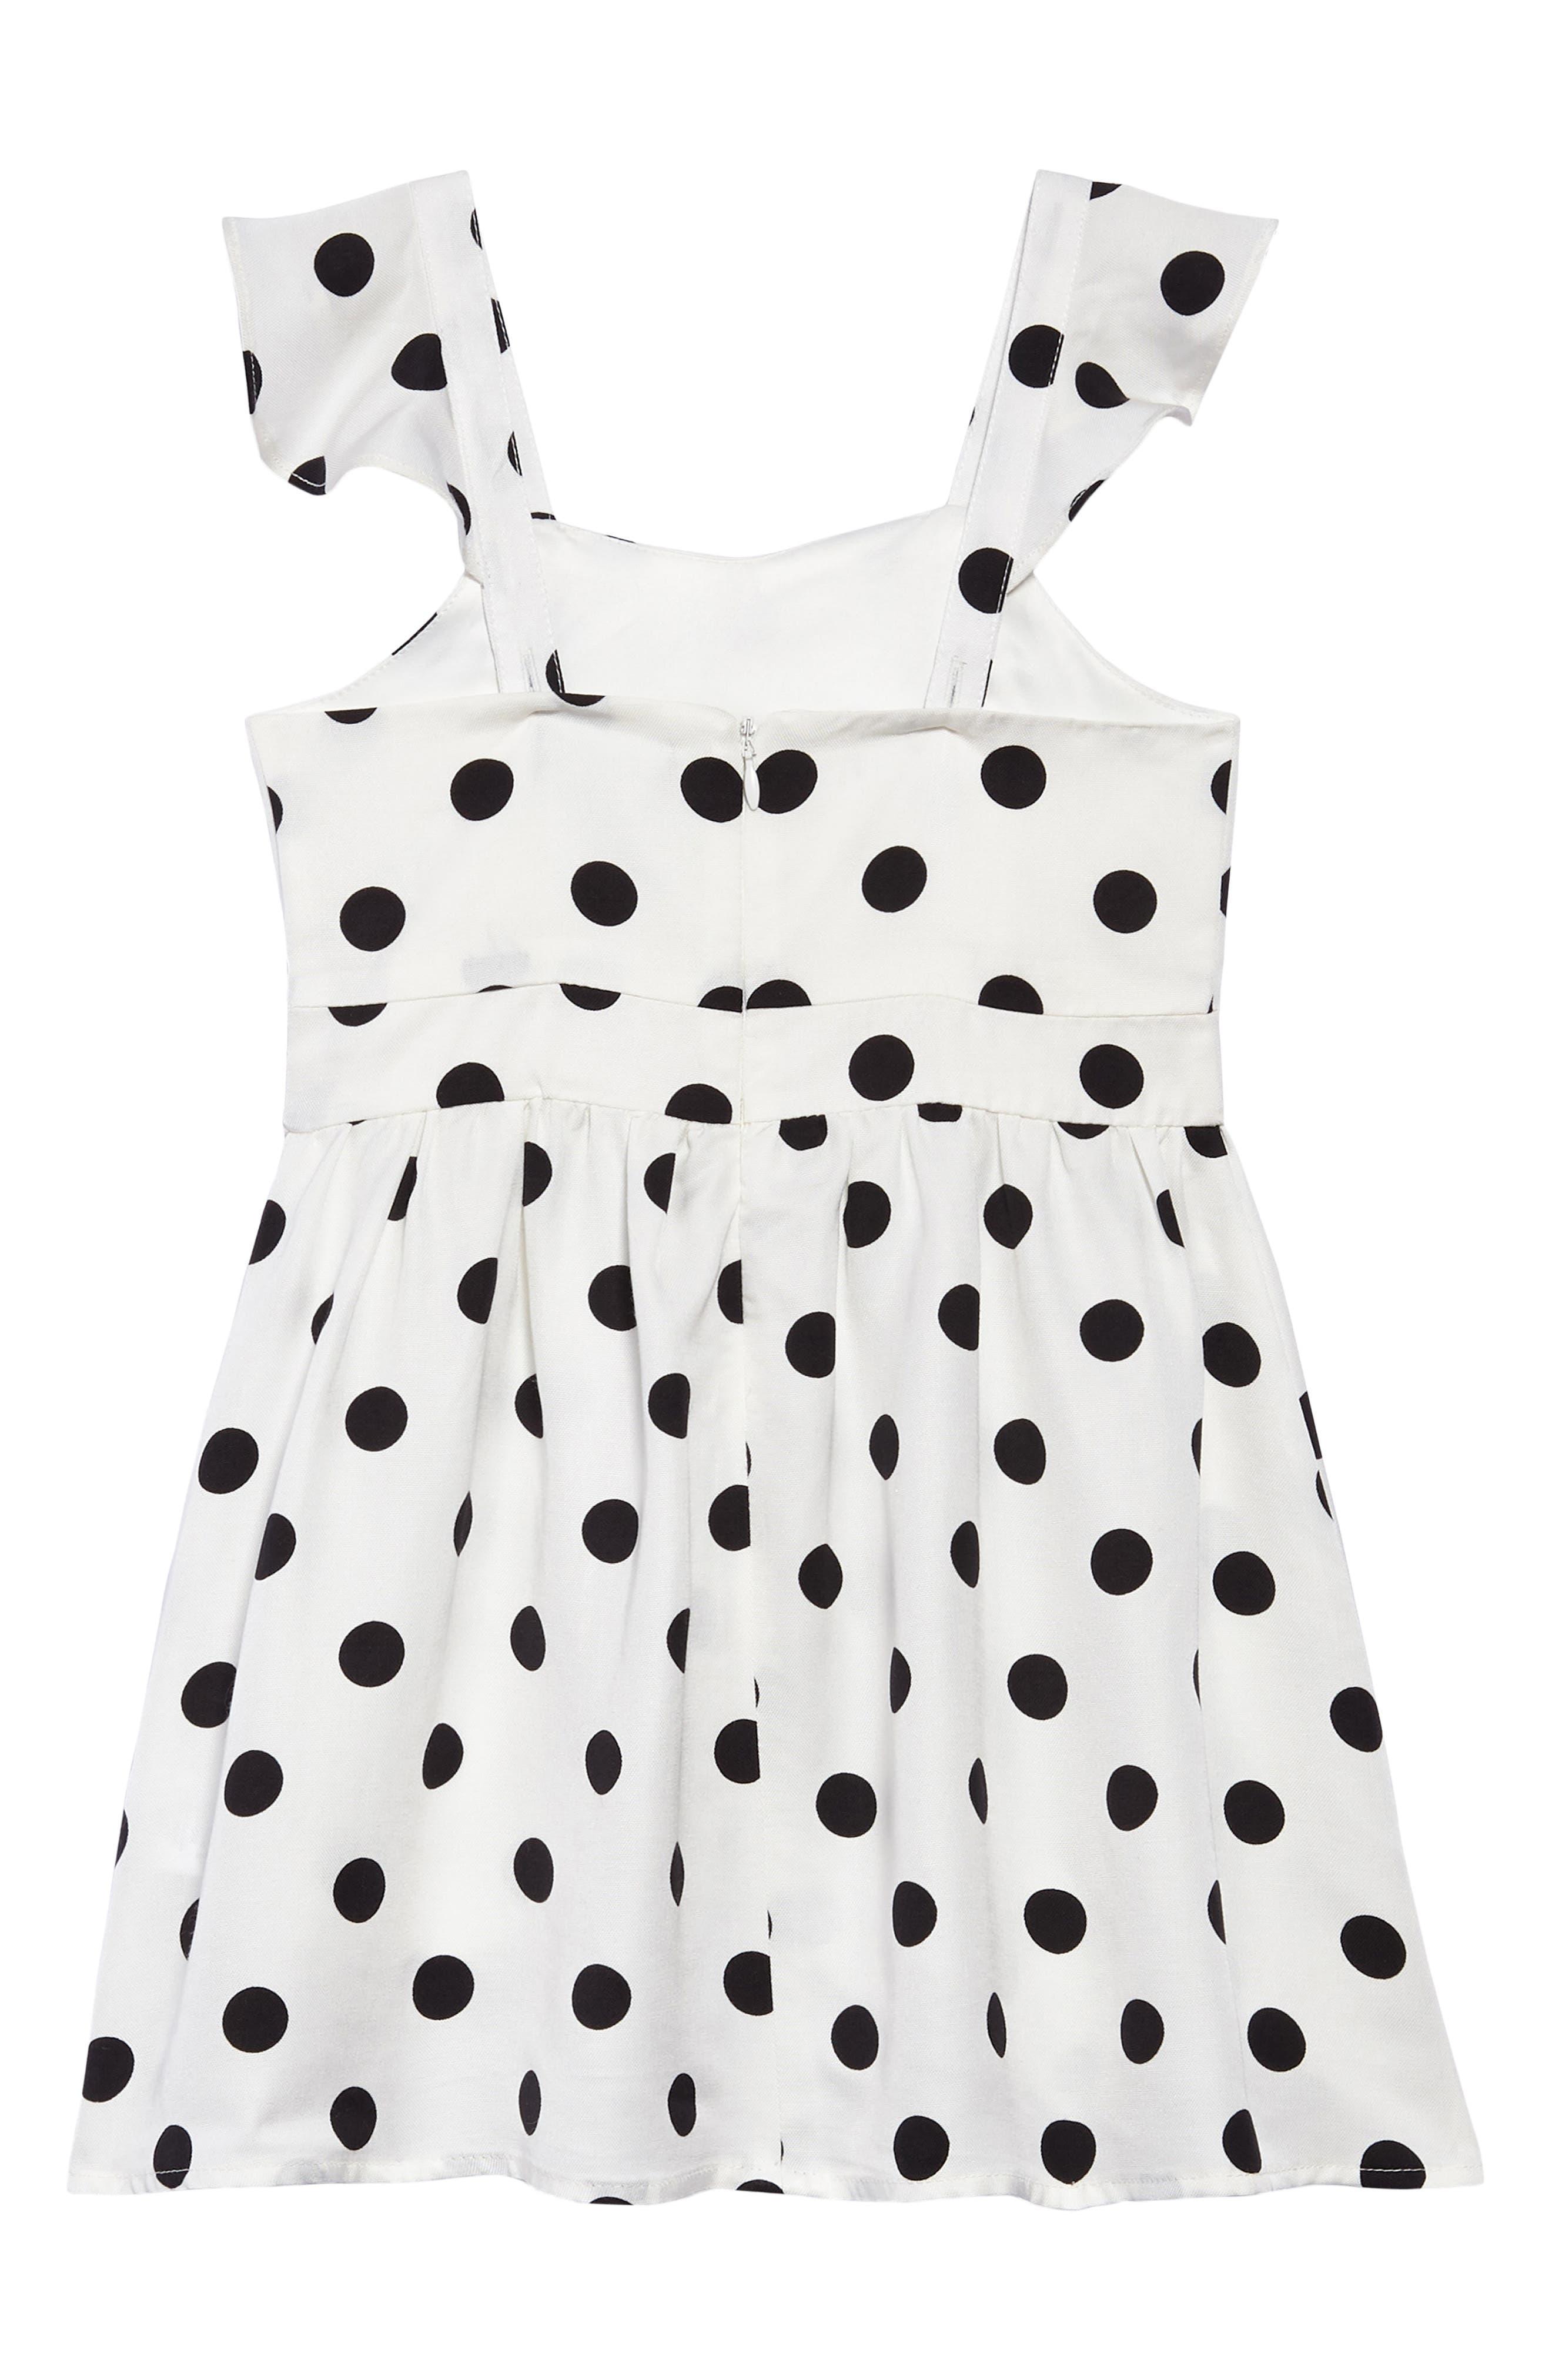 Polka Dot Dress,                             Alternate thumbnail 2, color,                             White Spot